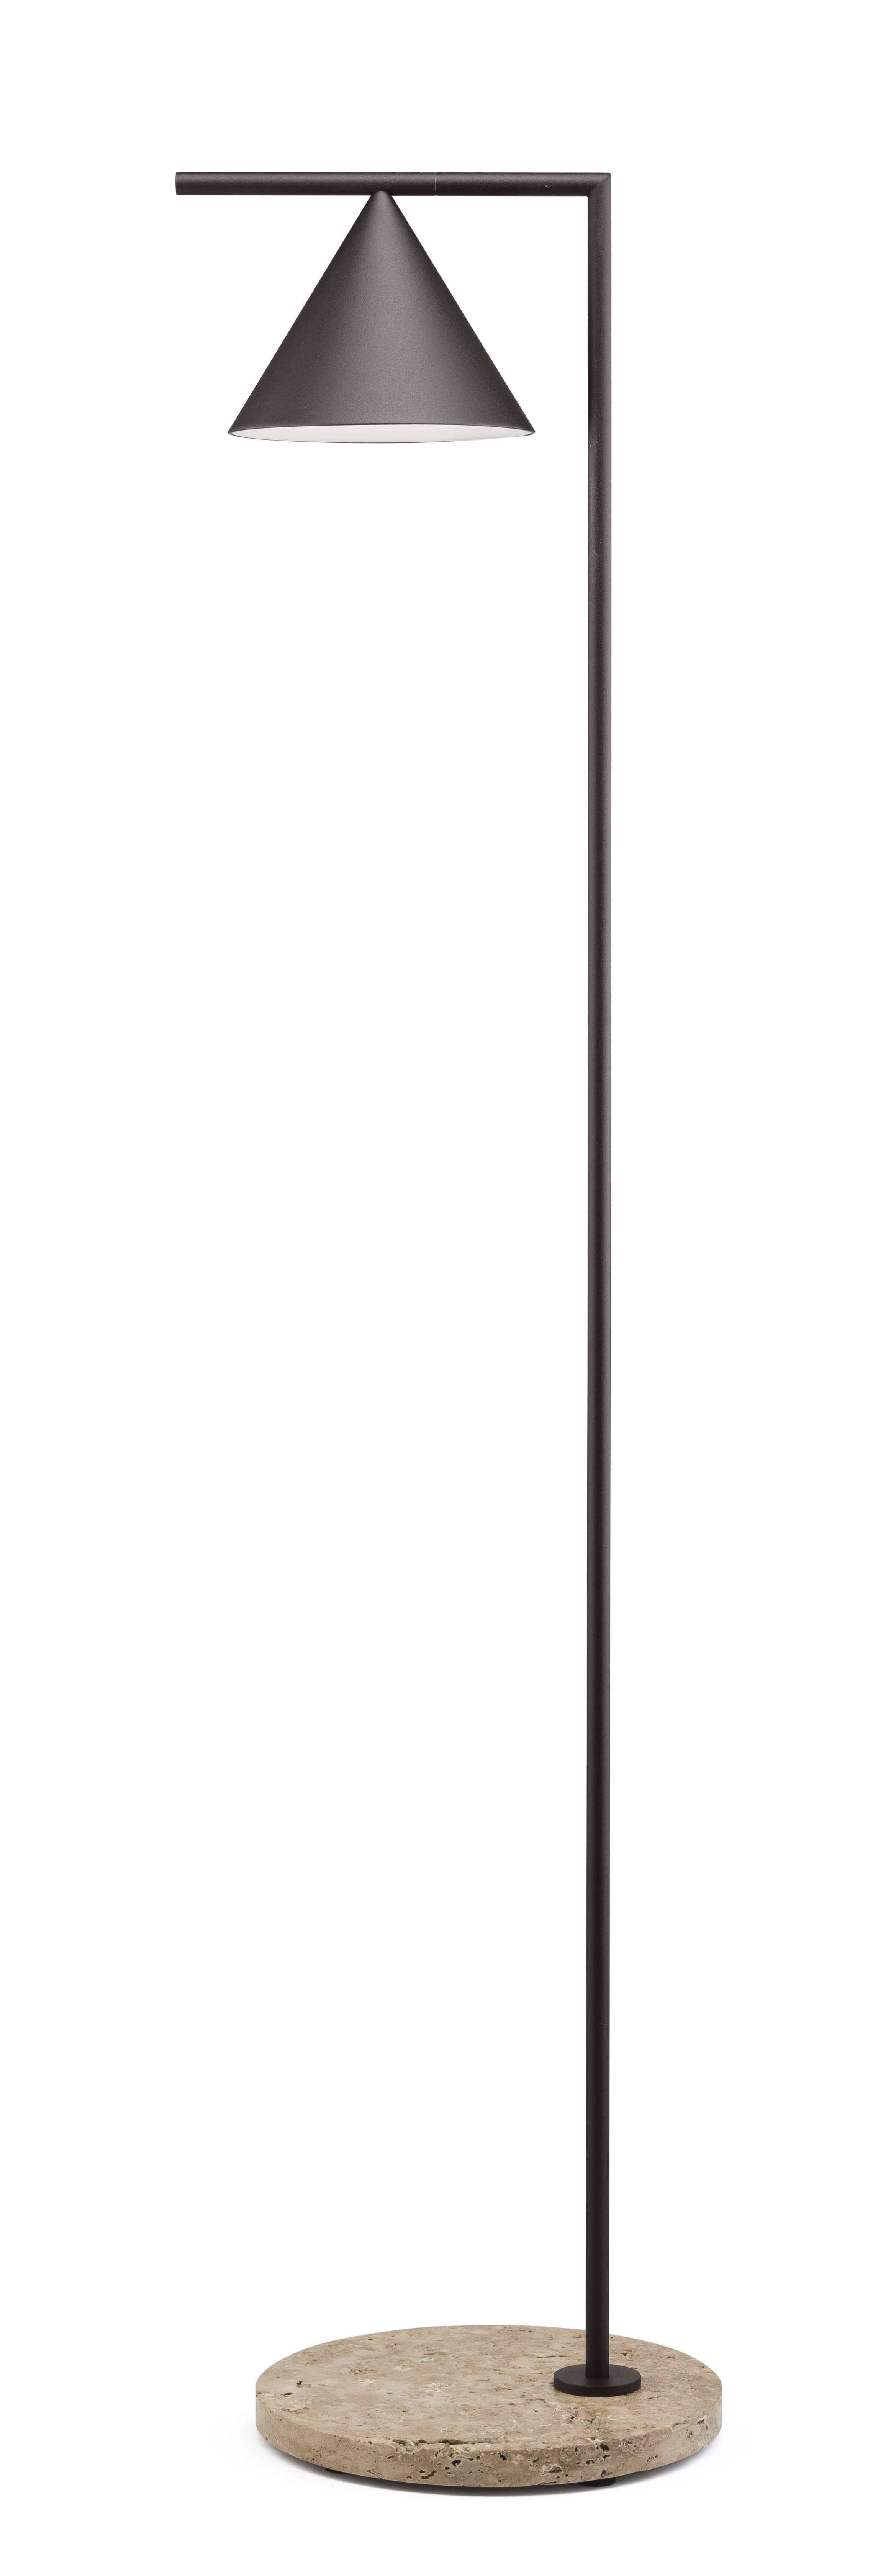 Luminaire - Lampadaires - Lampadaire Captain Flint Outdoor LED / H 154 cm - Orientable - Base pierre - Flos - Marron foncé / Base pierre beige - Acier inoxydable, Pierre, Polycarbonate